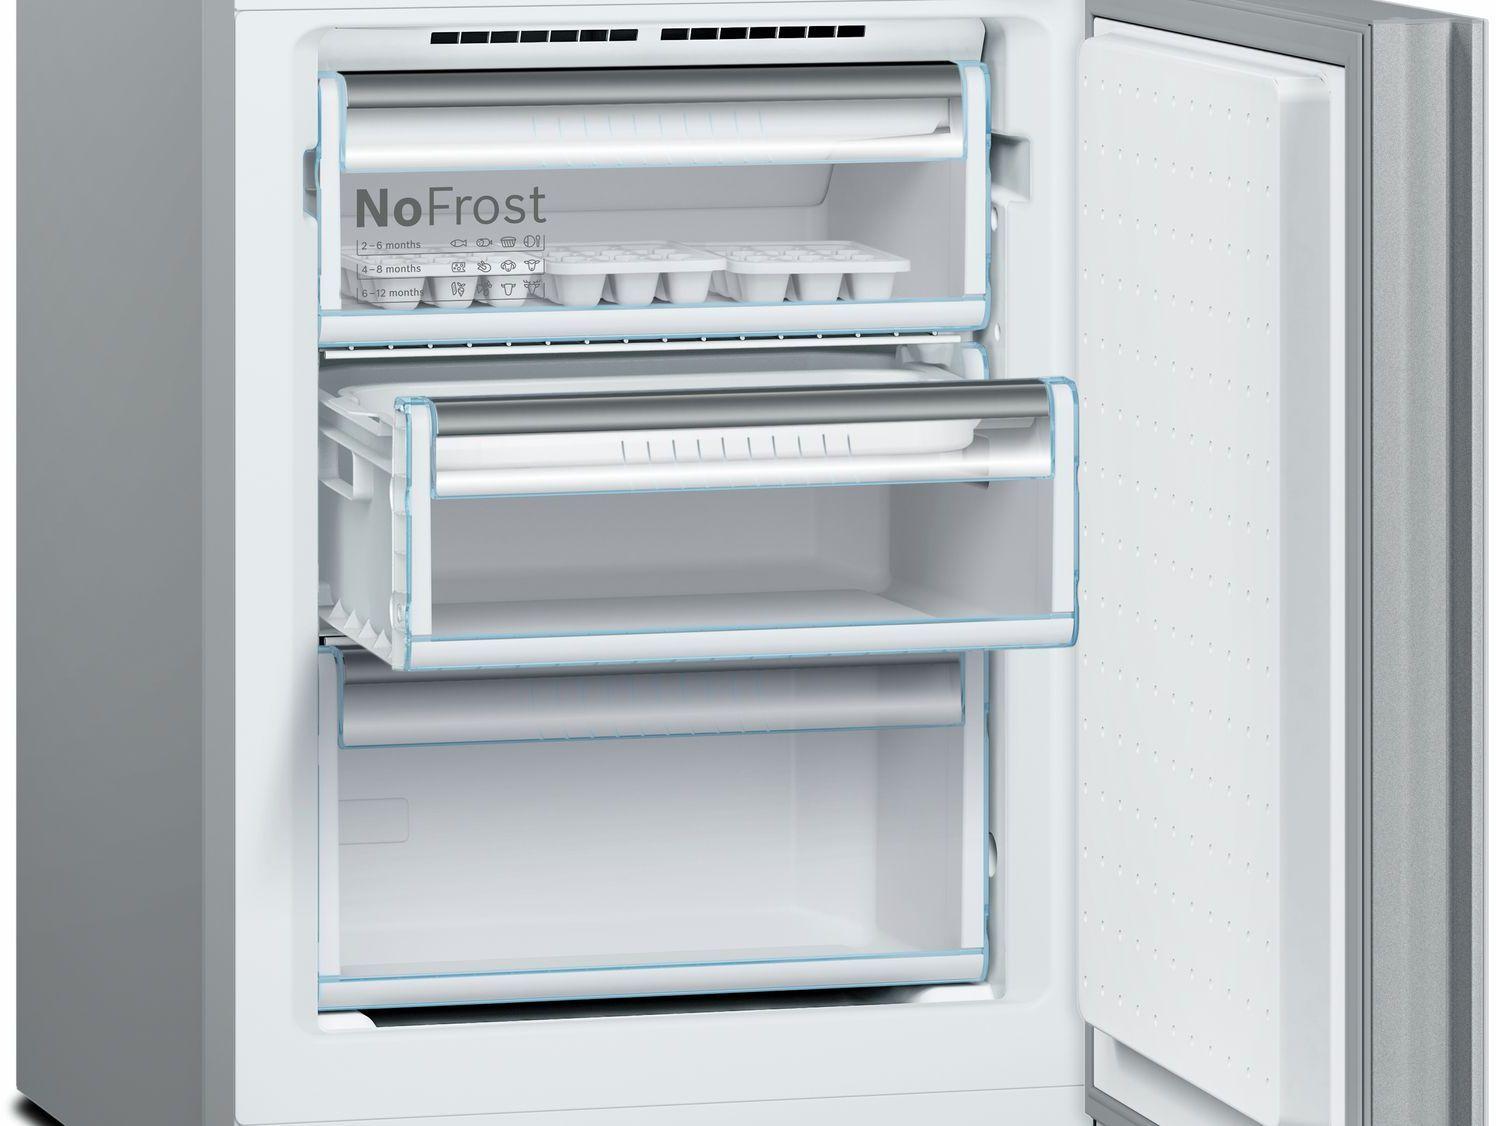 Bosch 800 Series 10.0 Cu. Ft. Counter Depth Bottom Freezer ...